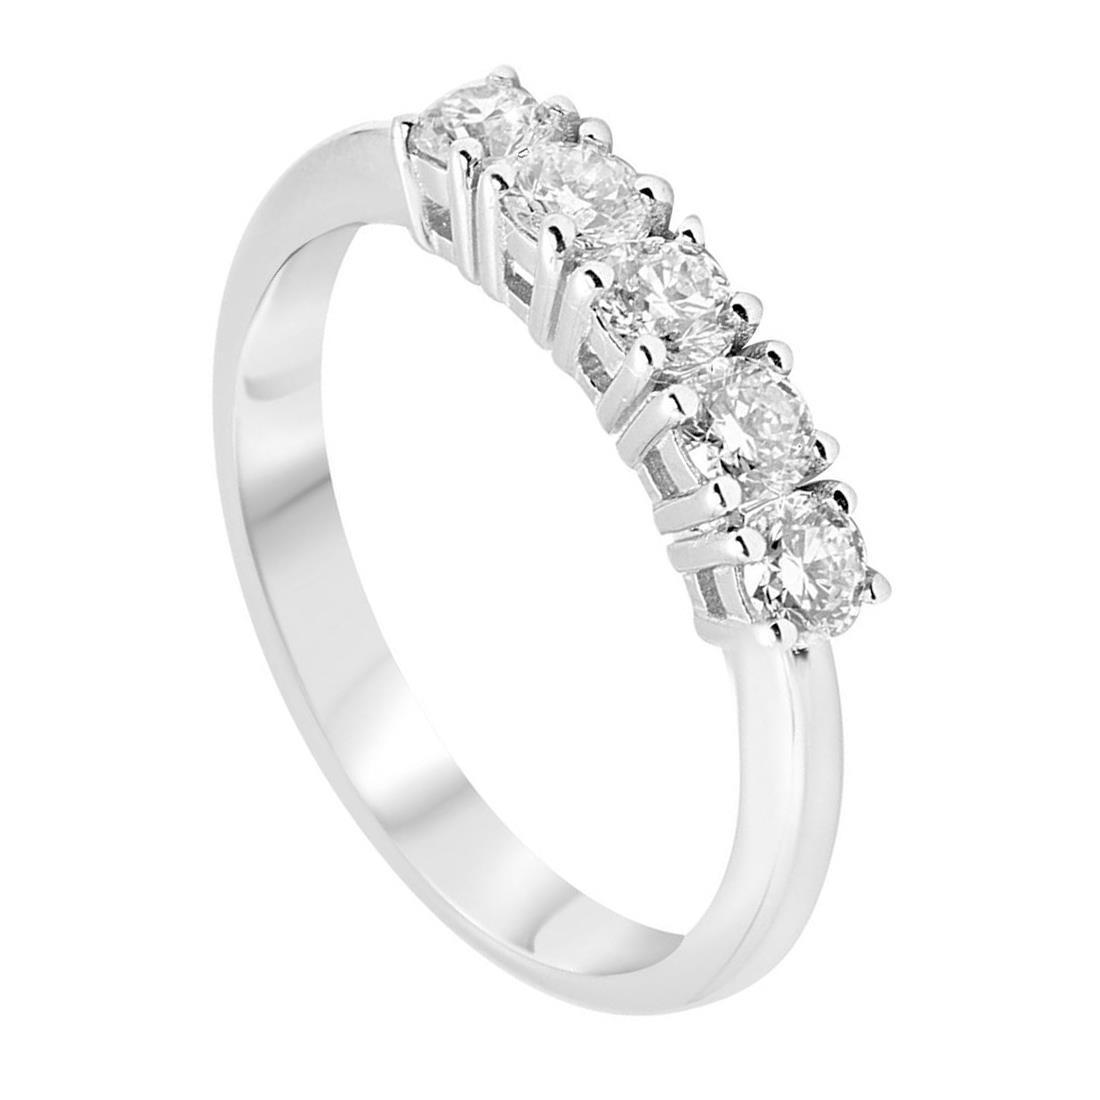 Anello veretta in oro bianco con diamanti 0,65 ct mis 14 - ORO&CO